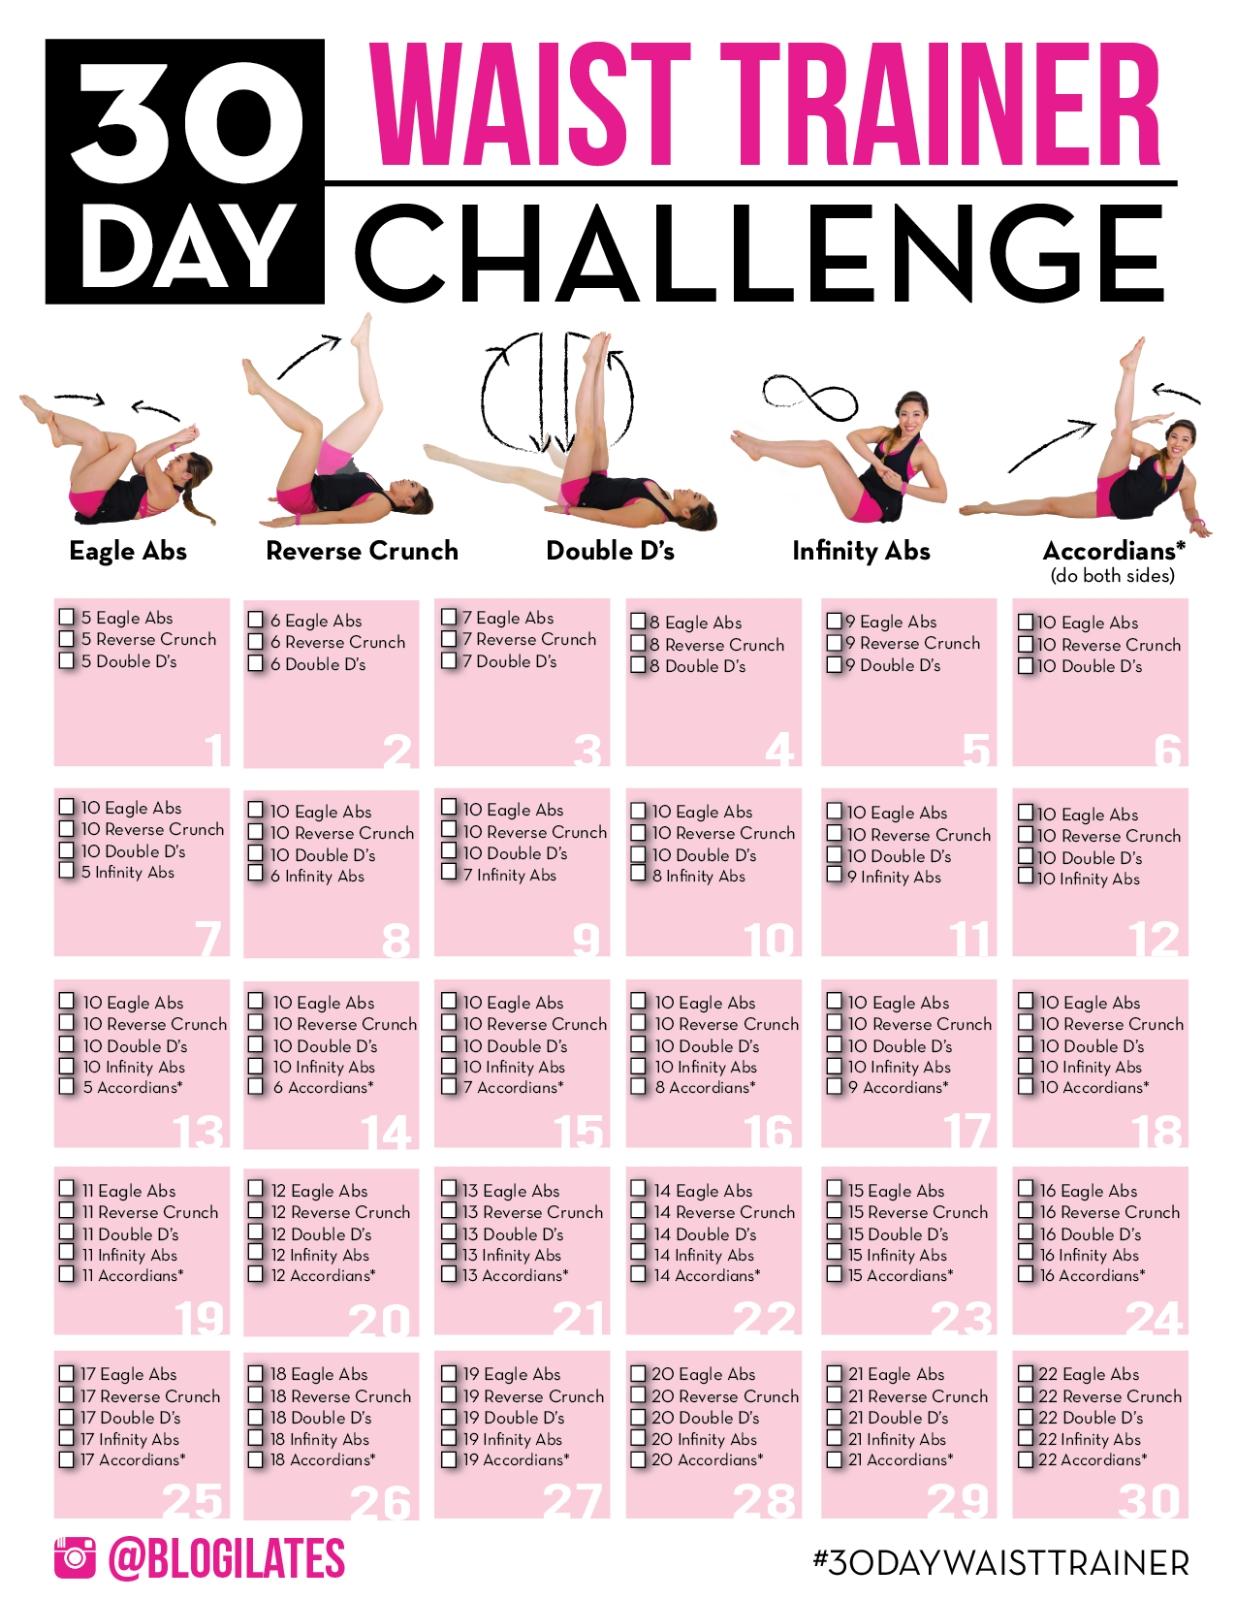 Hip Hop Abs Month 2 Calendar  Calendar Inspiration Design inside Hip Hop Abs Schedule